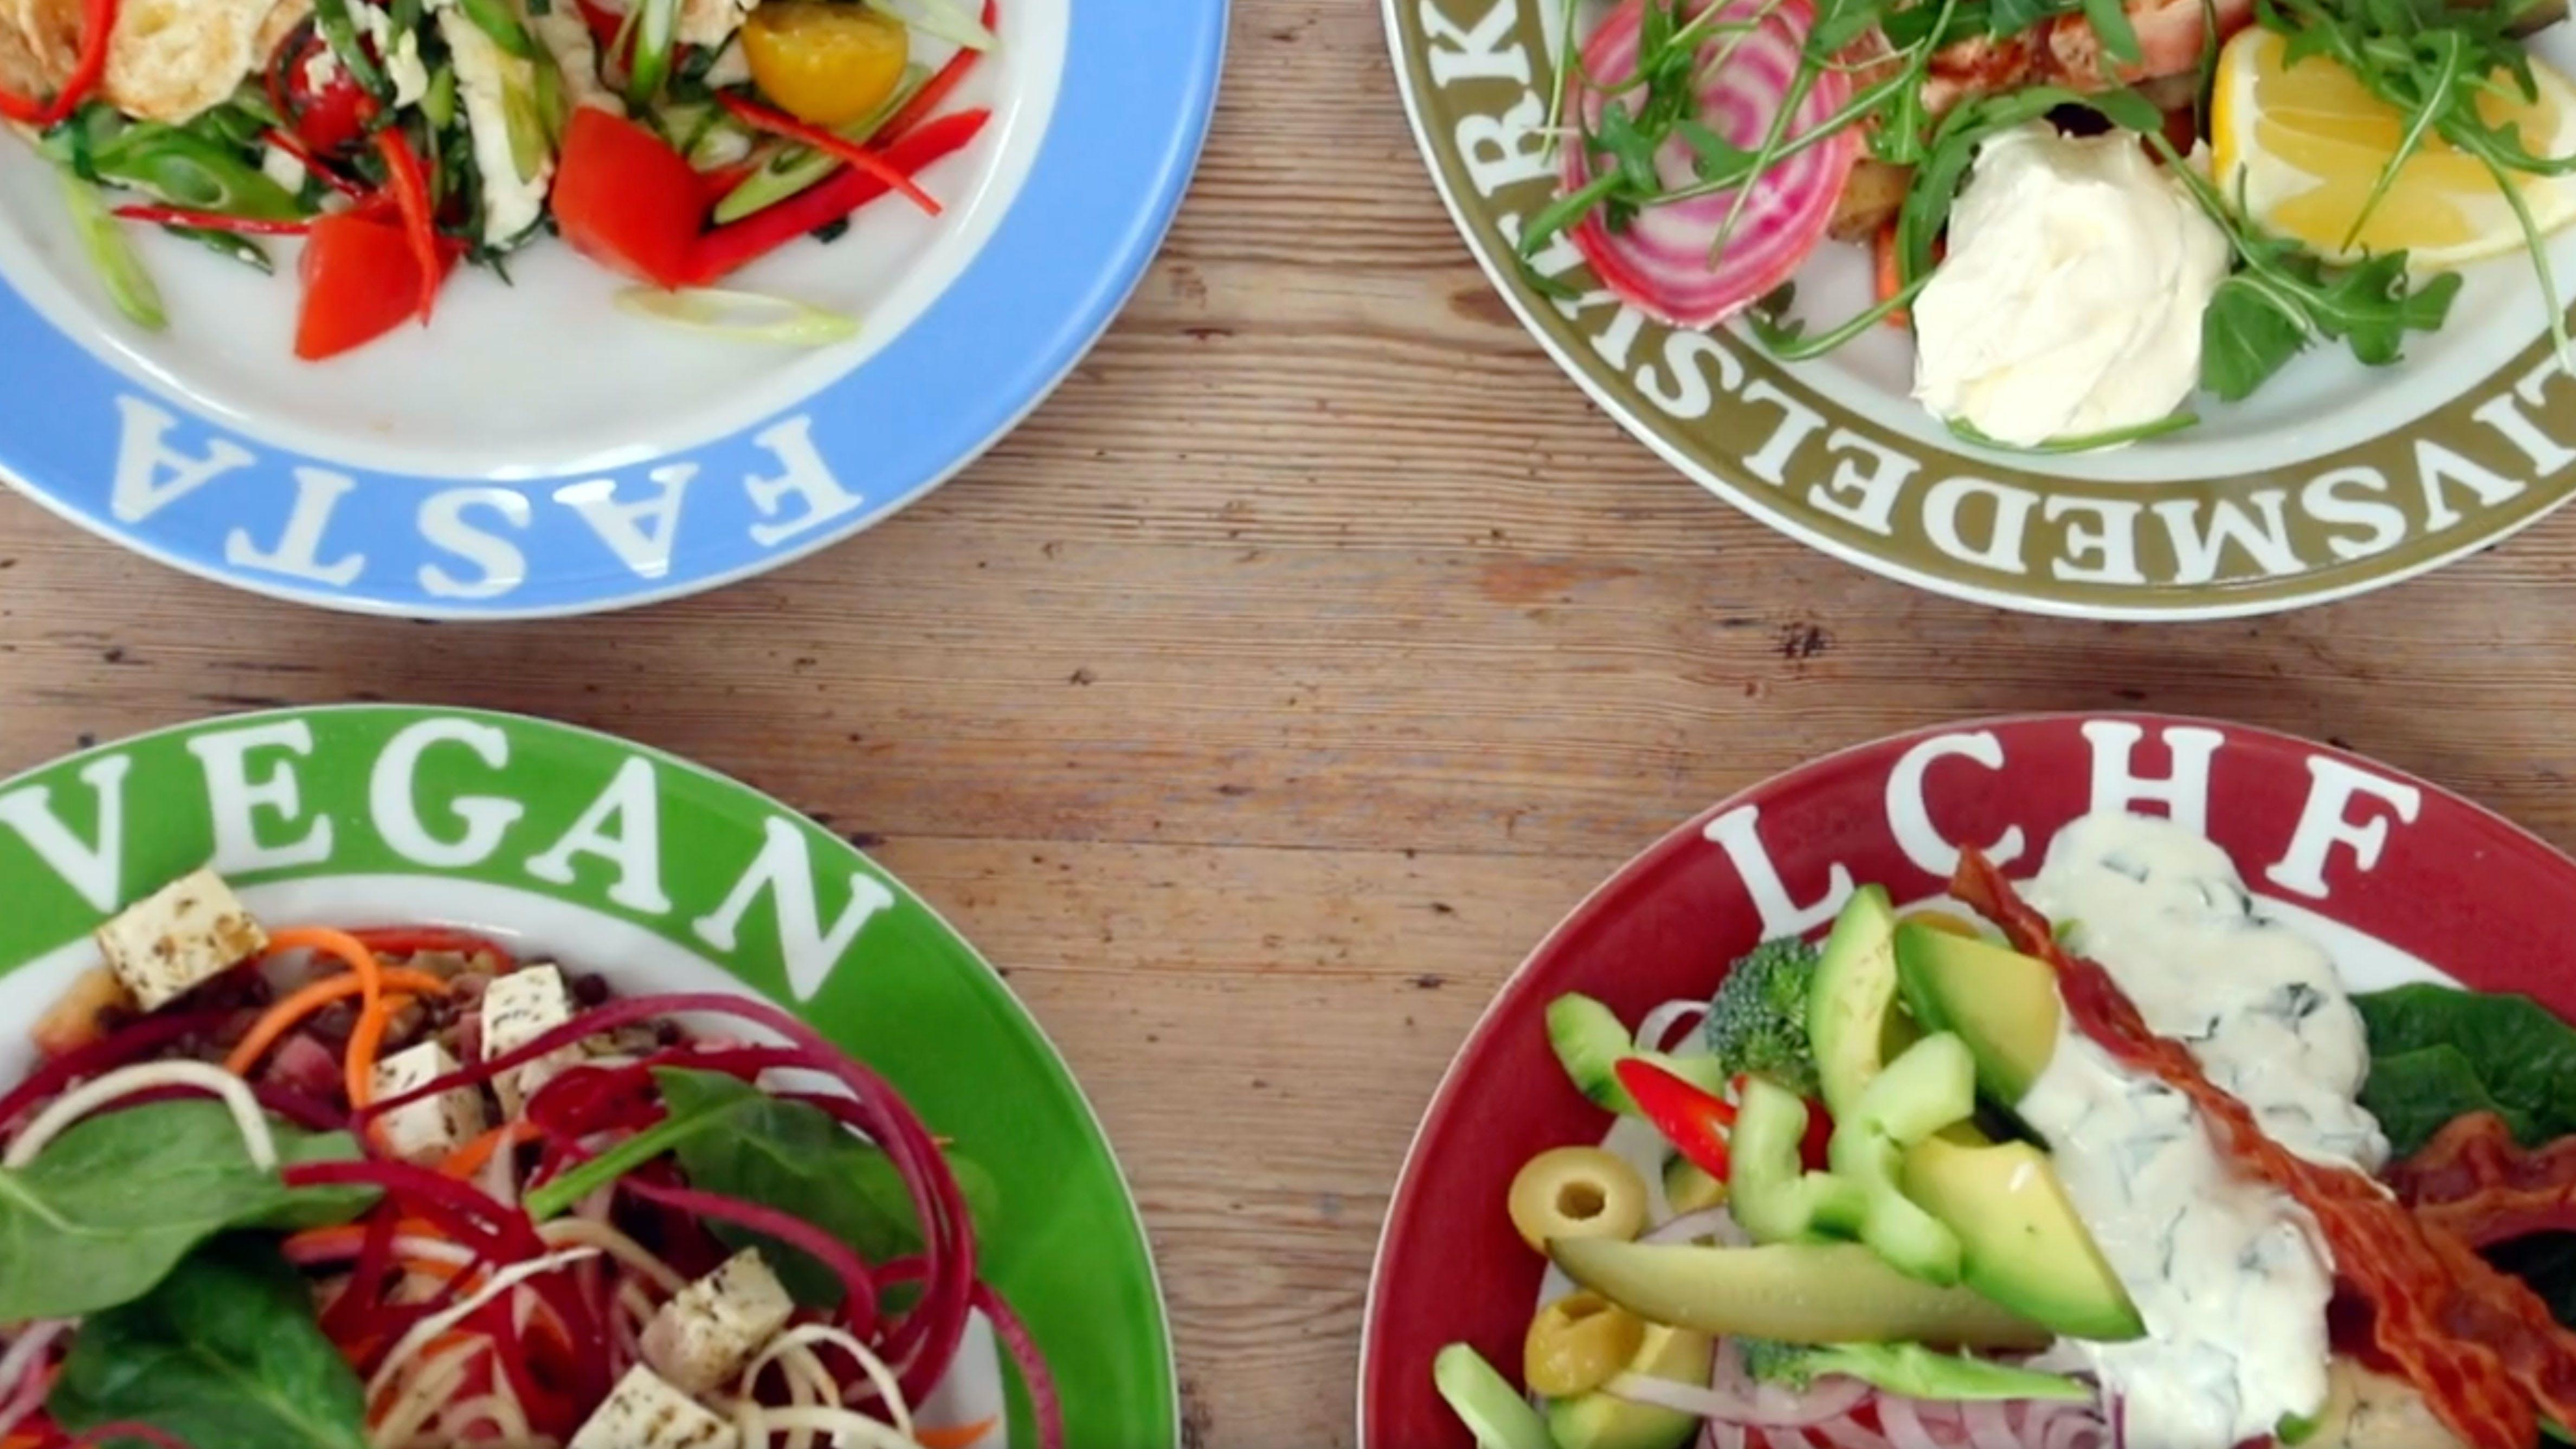 Bästa dieten – vad tycker du?